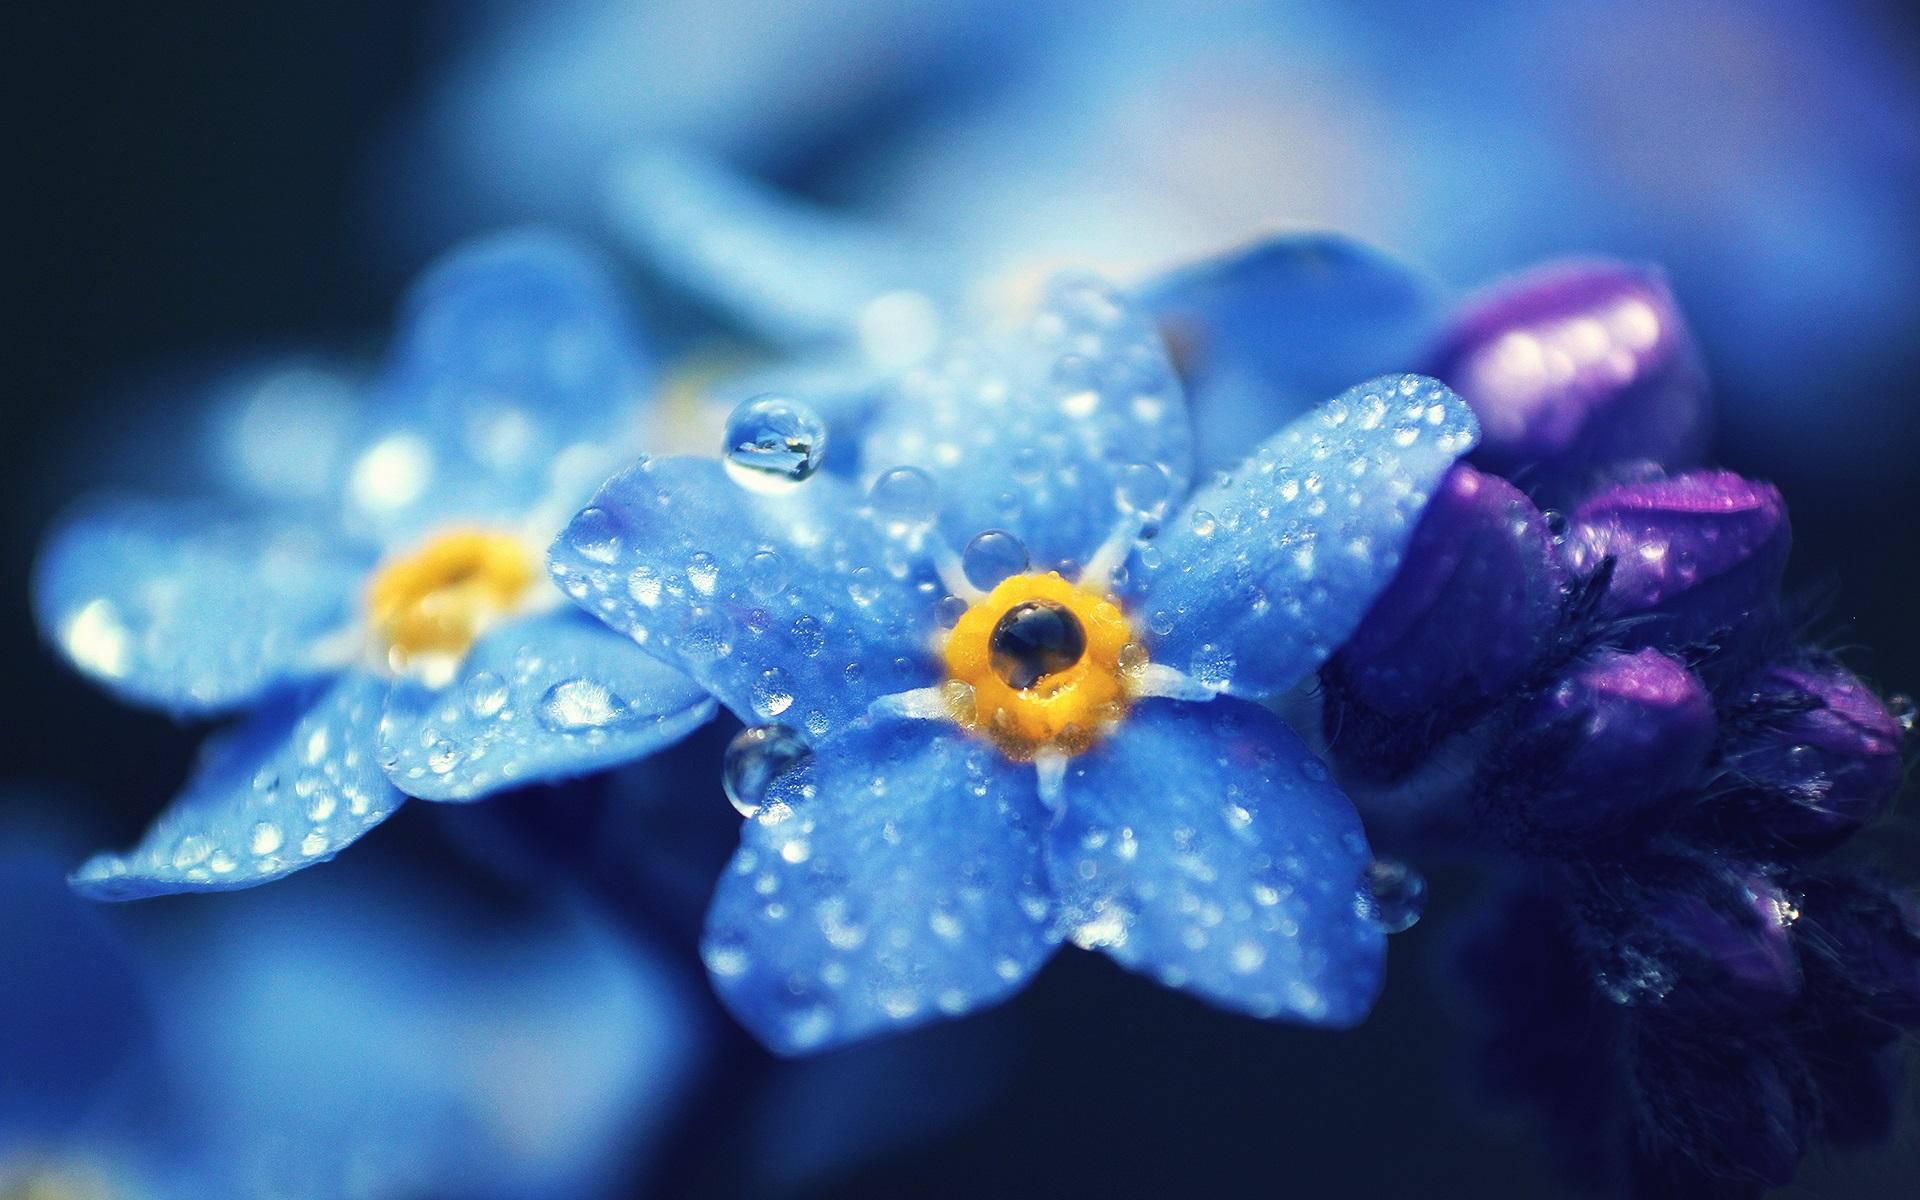 Hintergrundbilder Blaue Blume: Vergissmeinnicht Blaue Blüten Makrofotografie, Tau